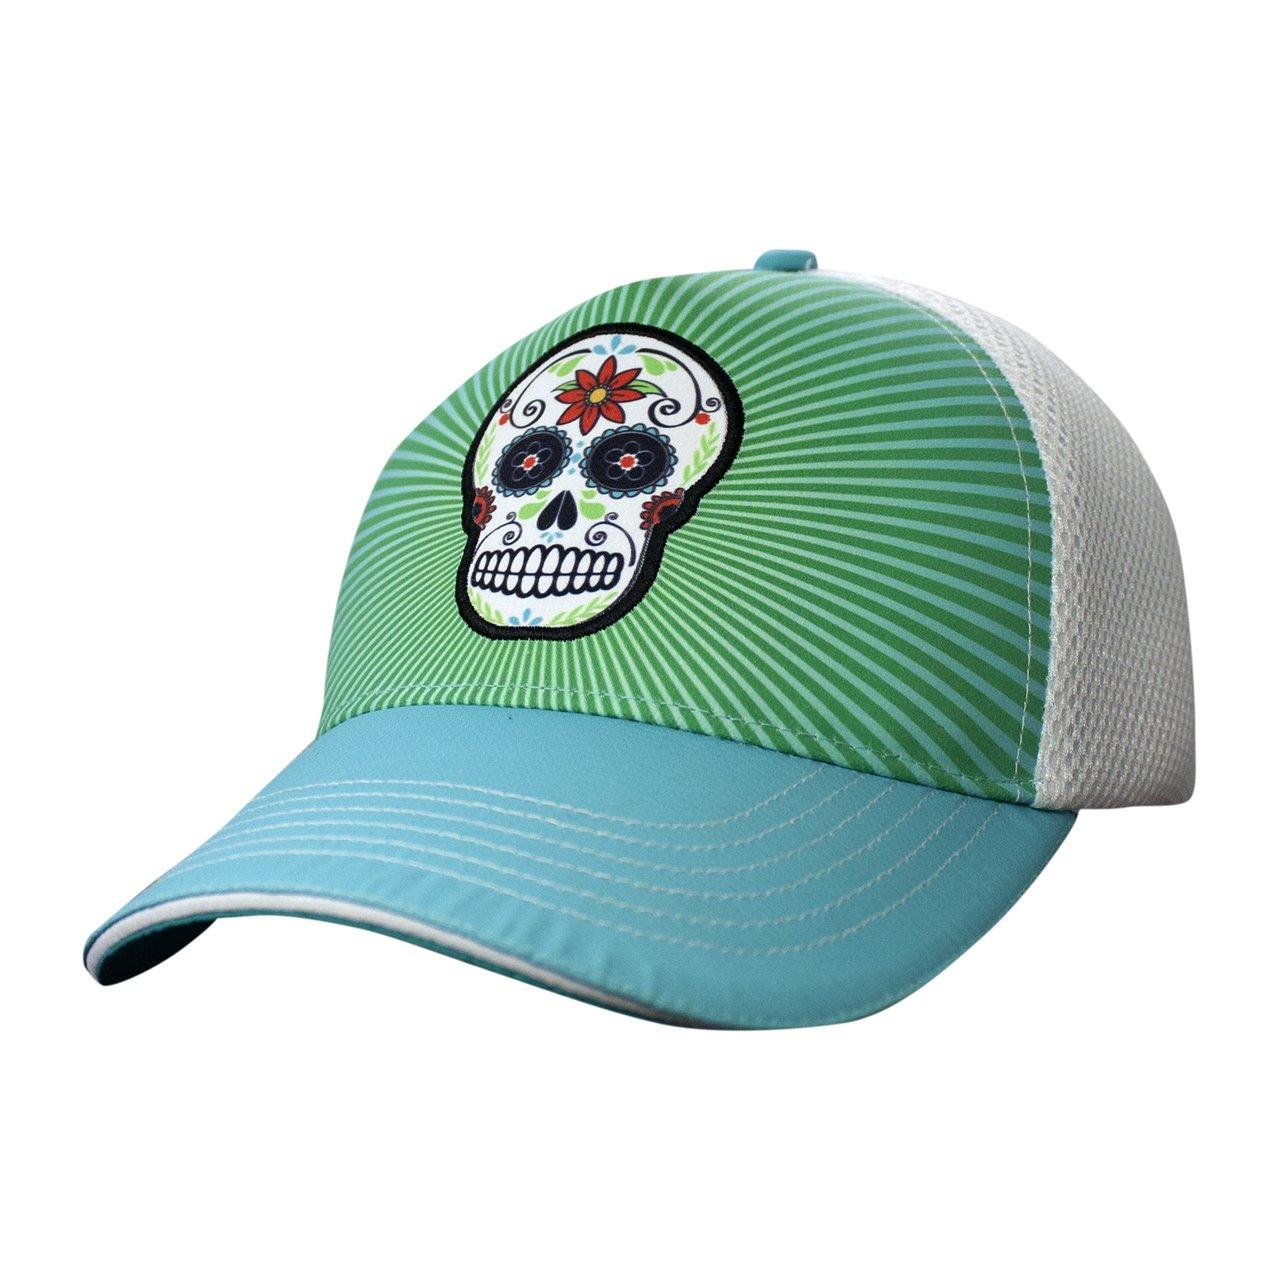 Trucker Hat - 5 Panel Teal Skull